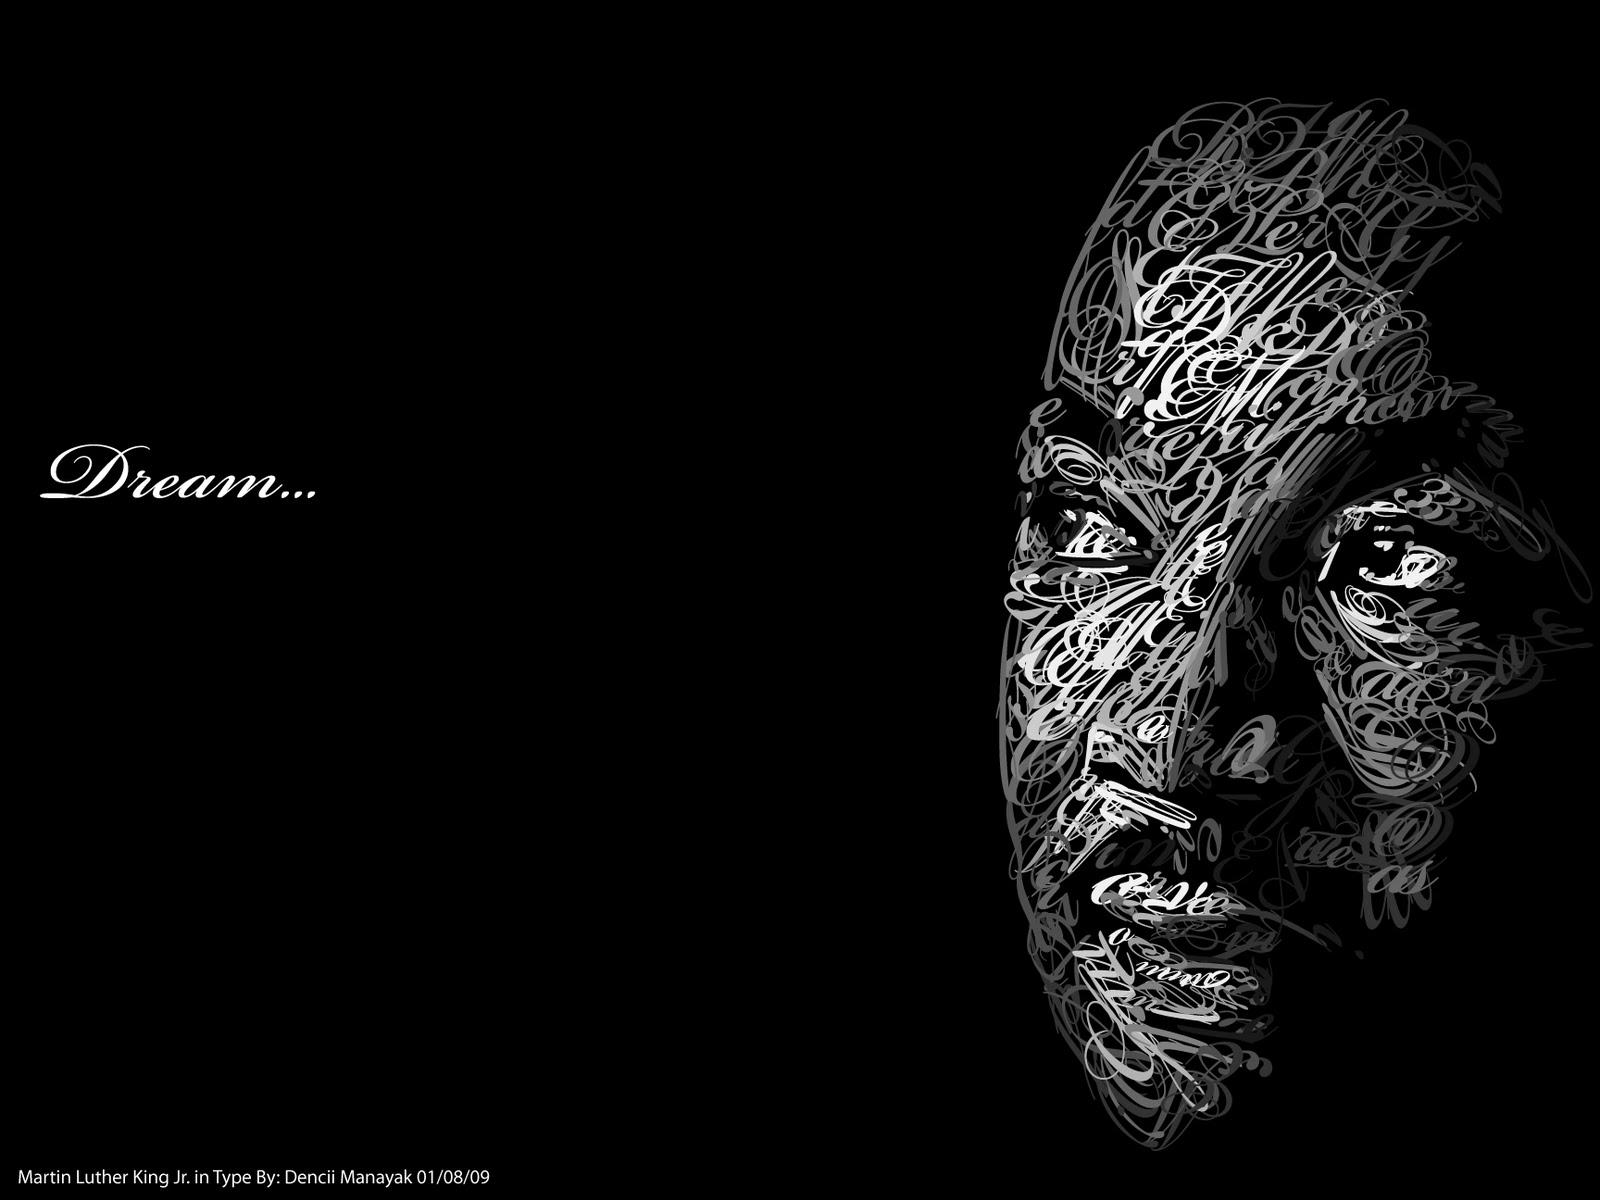 http://1.bp.blogspot.com/-alVvuJT3Aiw/TpsPqpNBo4I/AAAAAAAACC4/8fwZdOvh0Xw/s1600/Martin+Luther+King+Day+Wallpaper+3.jpg